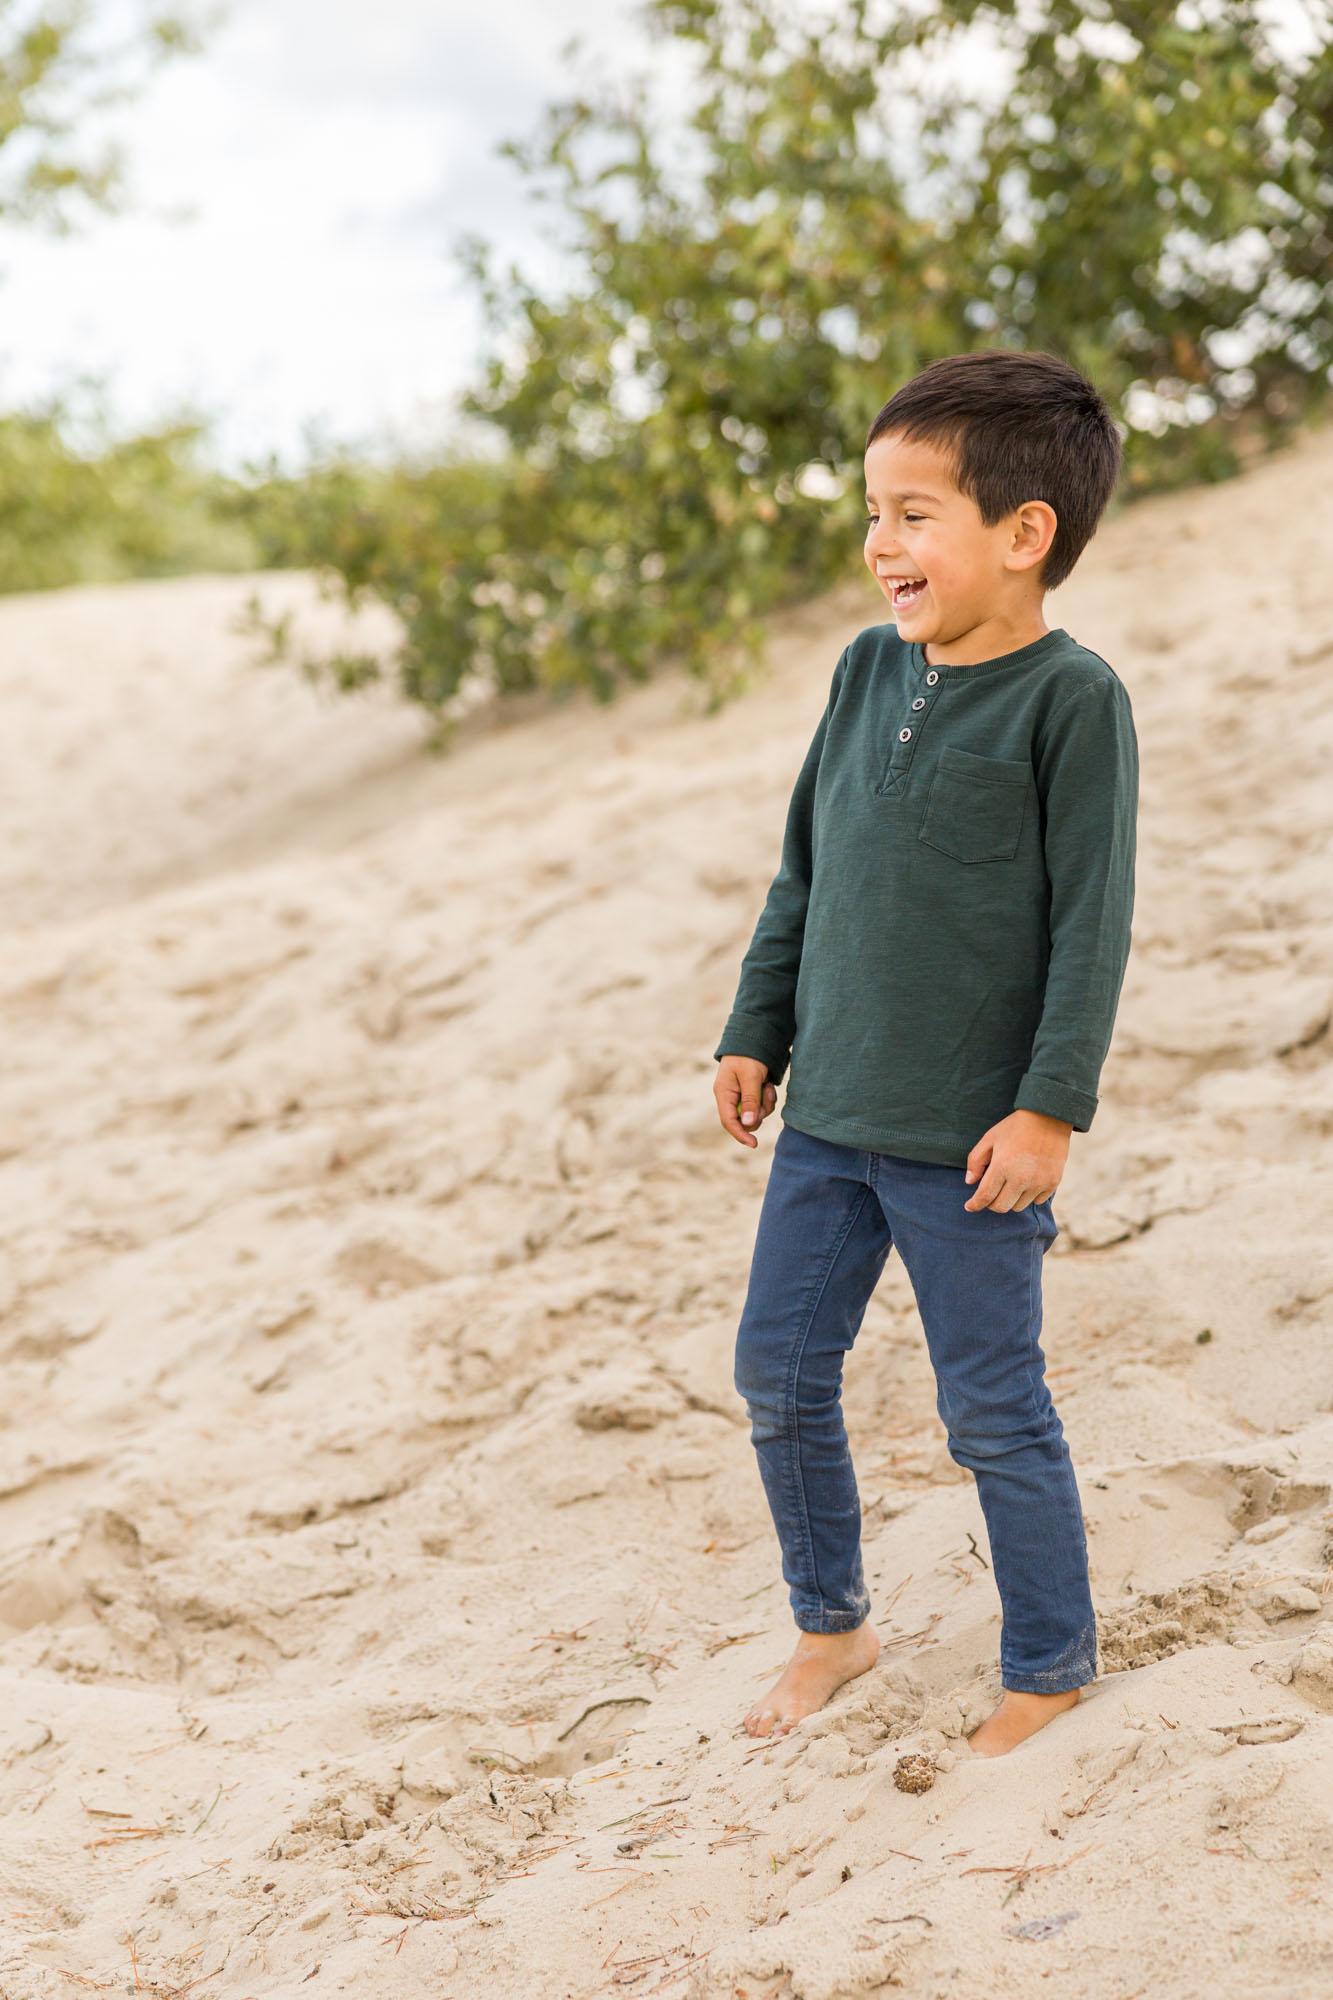 kinderportret van lachend jongetje bij zandverstuiving door MayraFotografie